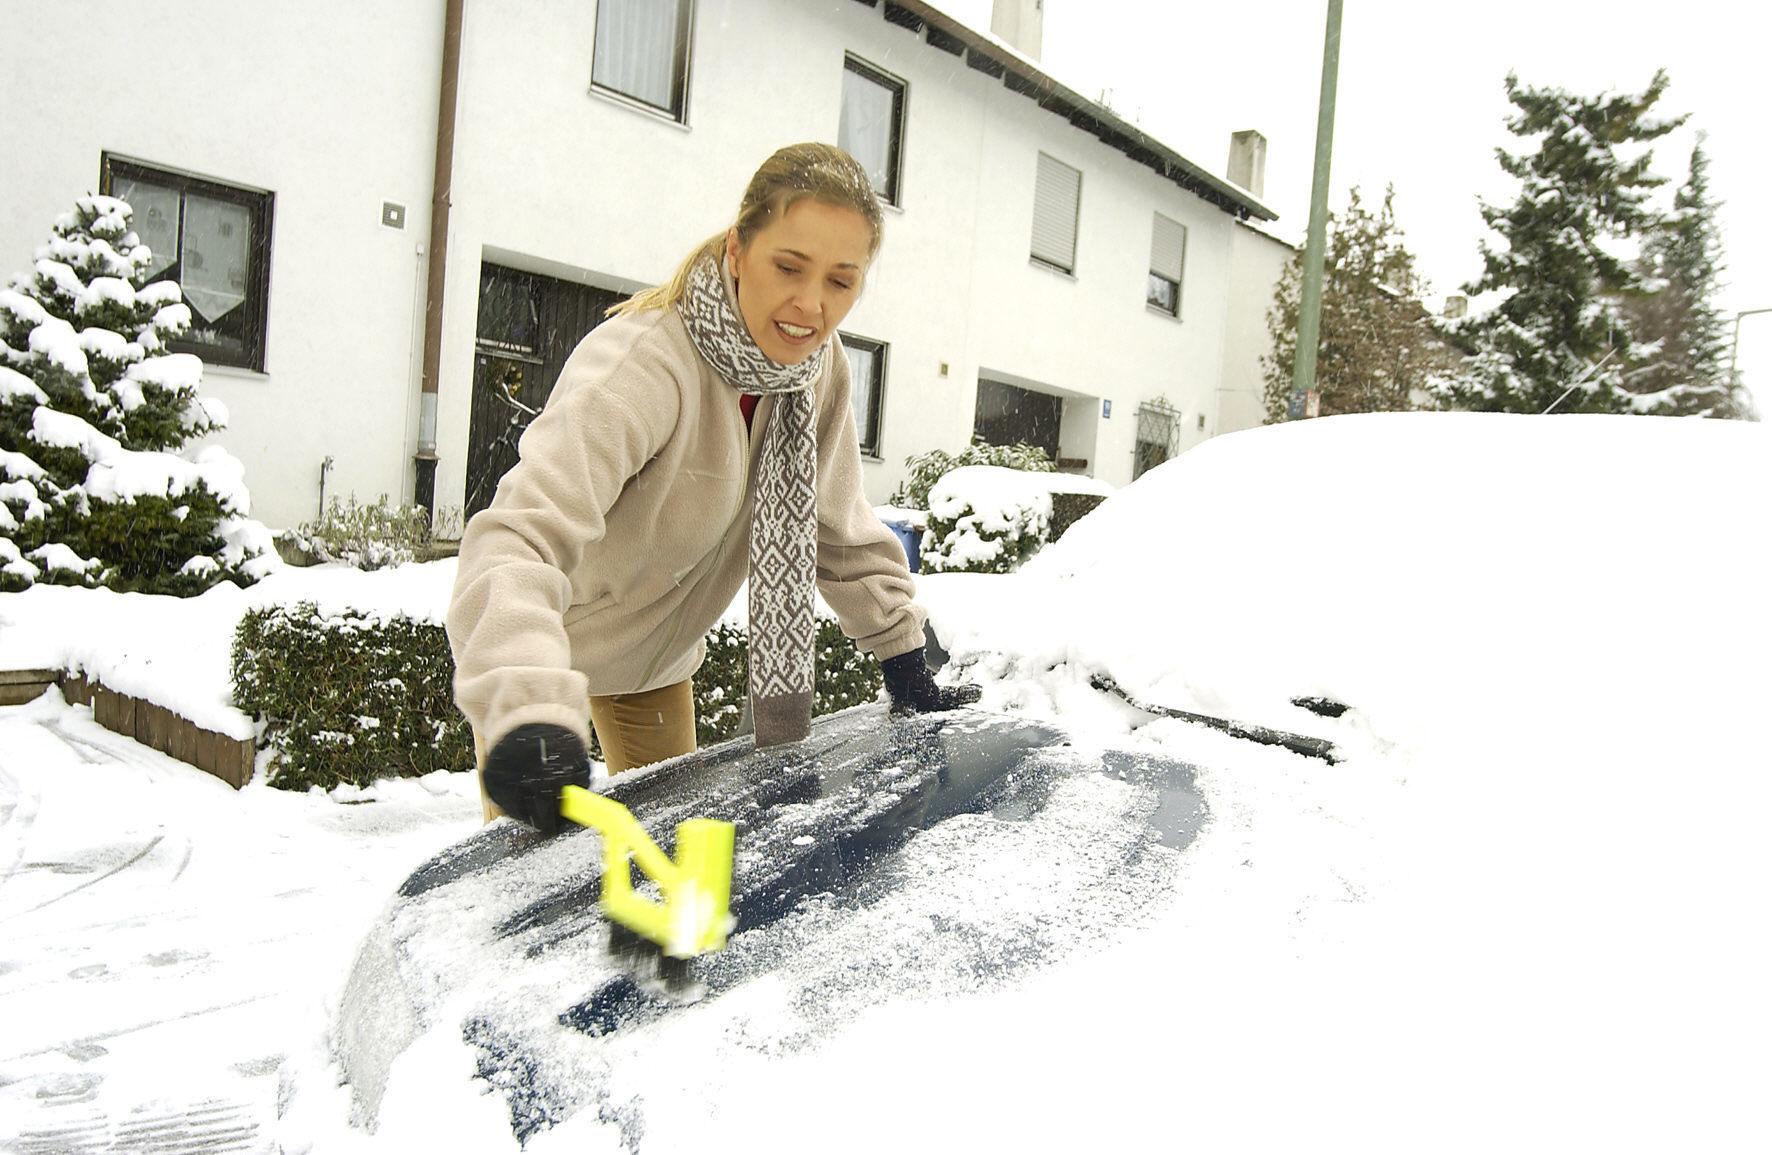 mid München - Autofahrer müssen im Winter das komplette Fahrzeug vom Schnee befreien, nicht nur die Scheiben.